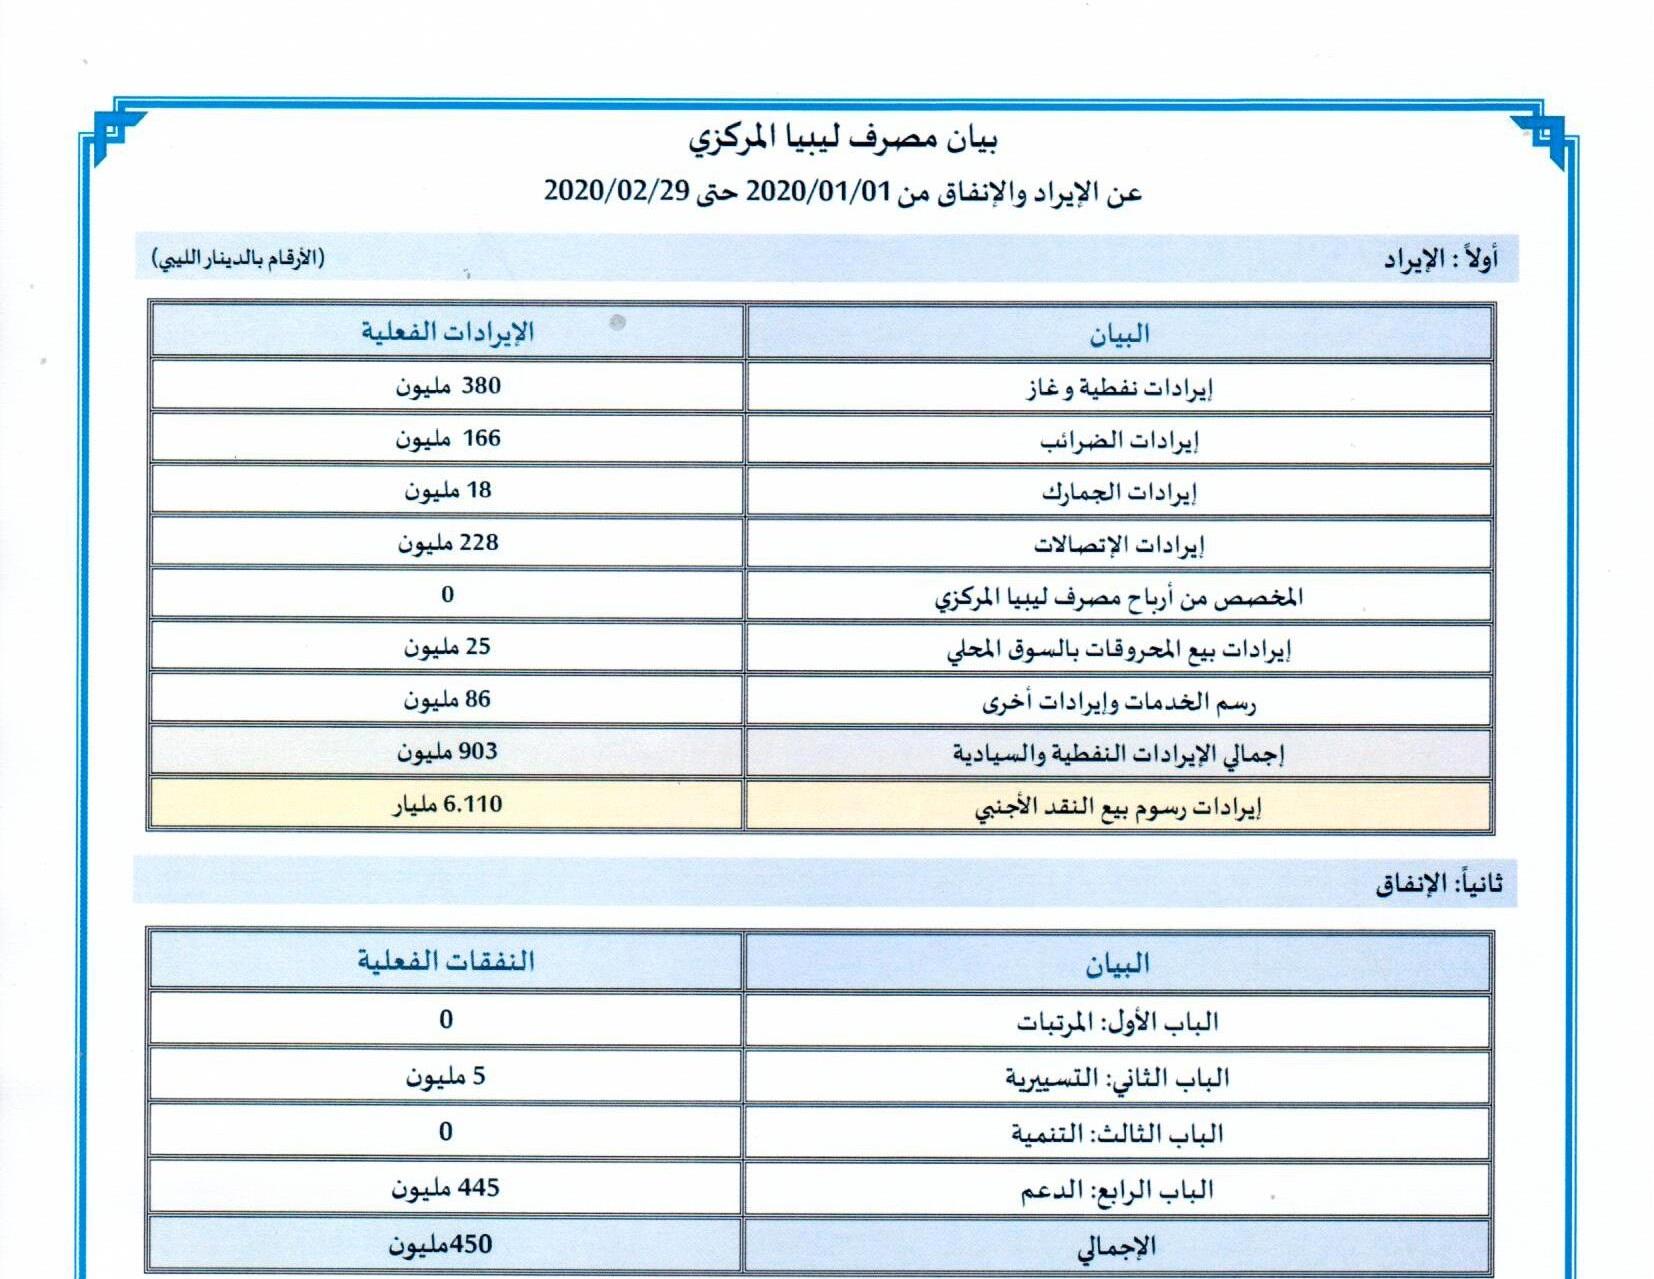 بيان مصرف ليبيا المركزي عن الإيراد والإنفاق من 2020/01/01 حتى 2020/02/29. ومُرفق كشف بالمبالغ المُباعة للمصارف التجارية( بالرسوم) خلال نفس الفترة.